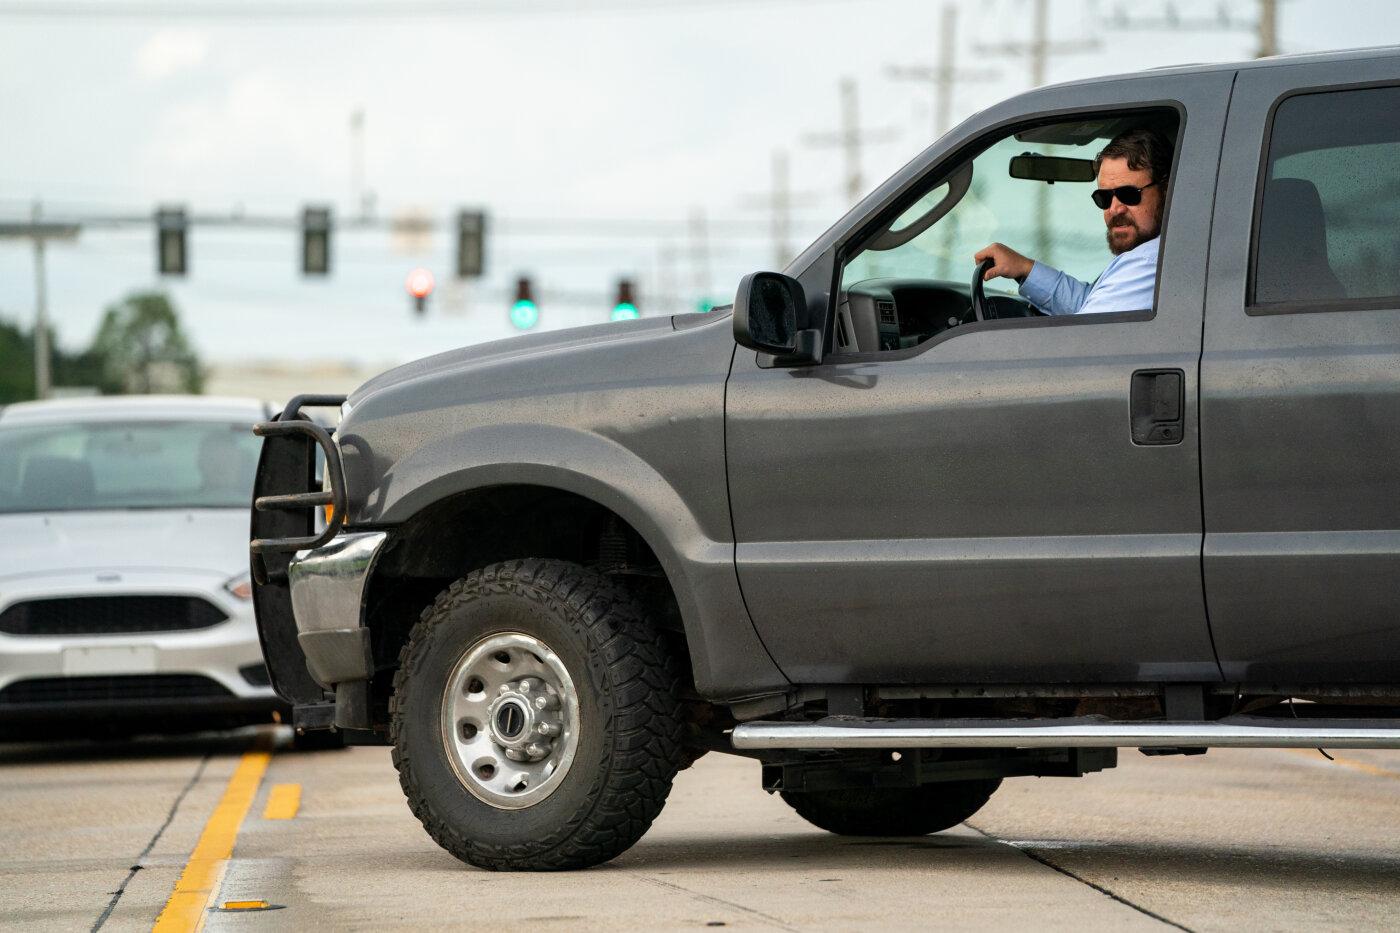 Il giorno sbagliato: Russell Crowe in una scena del film